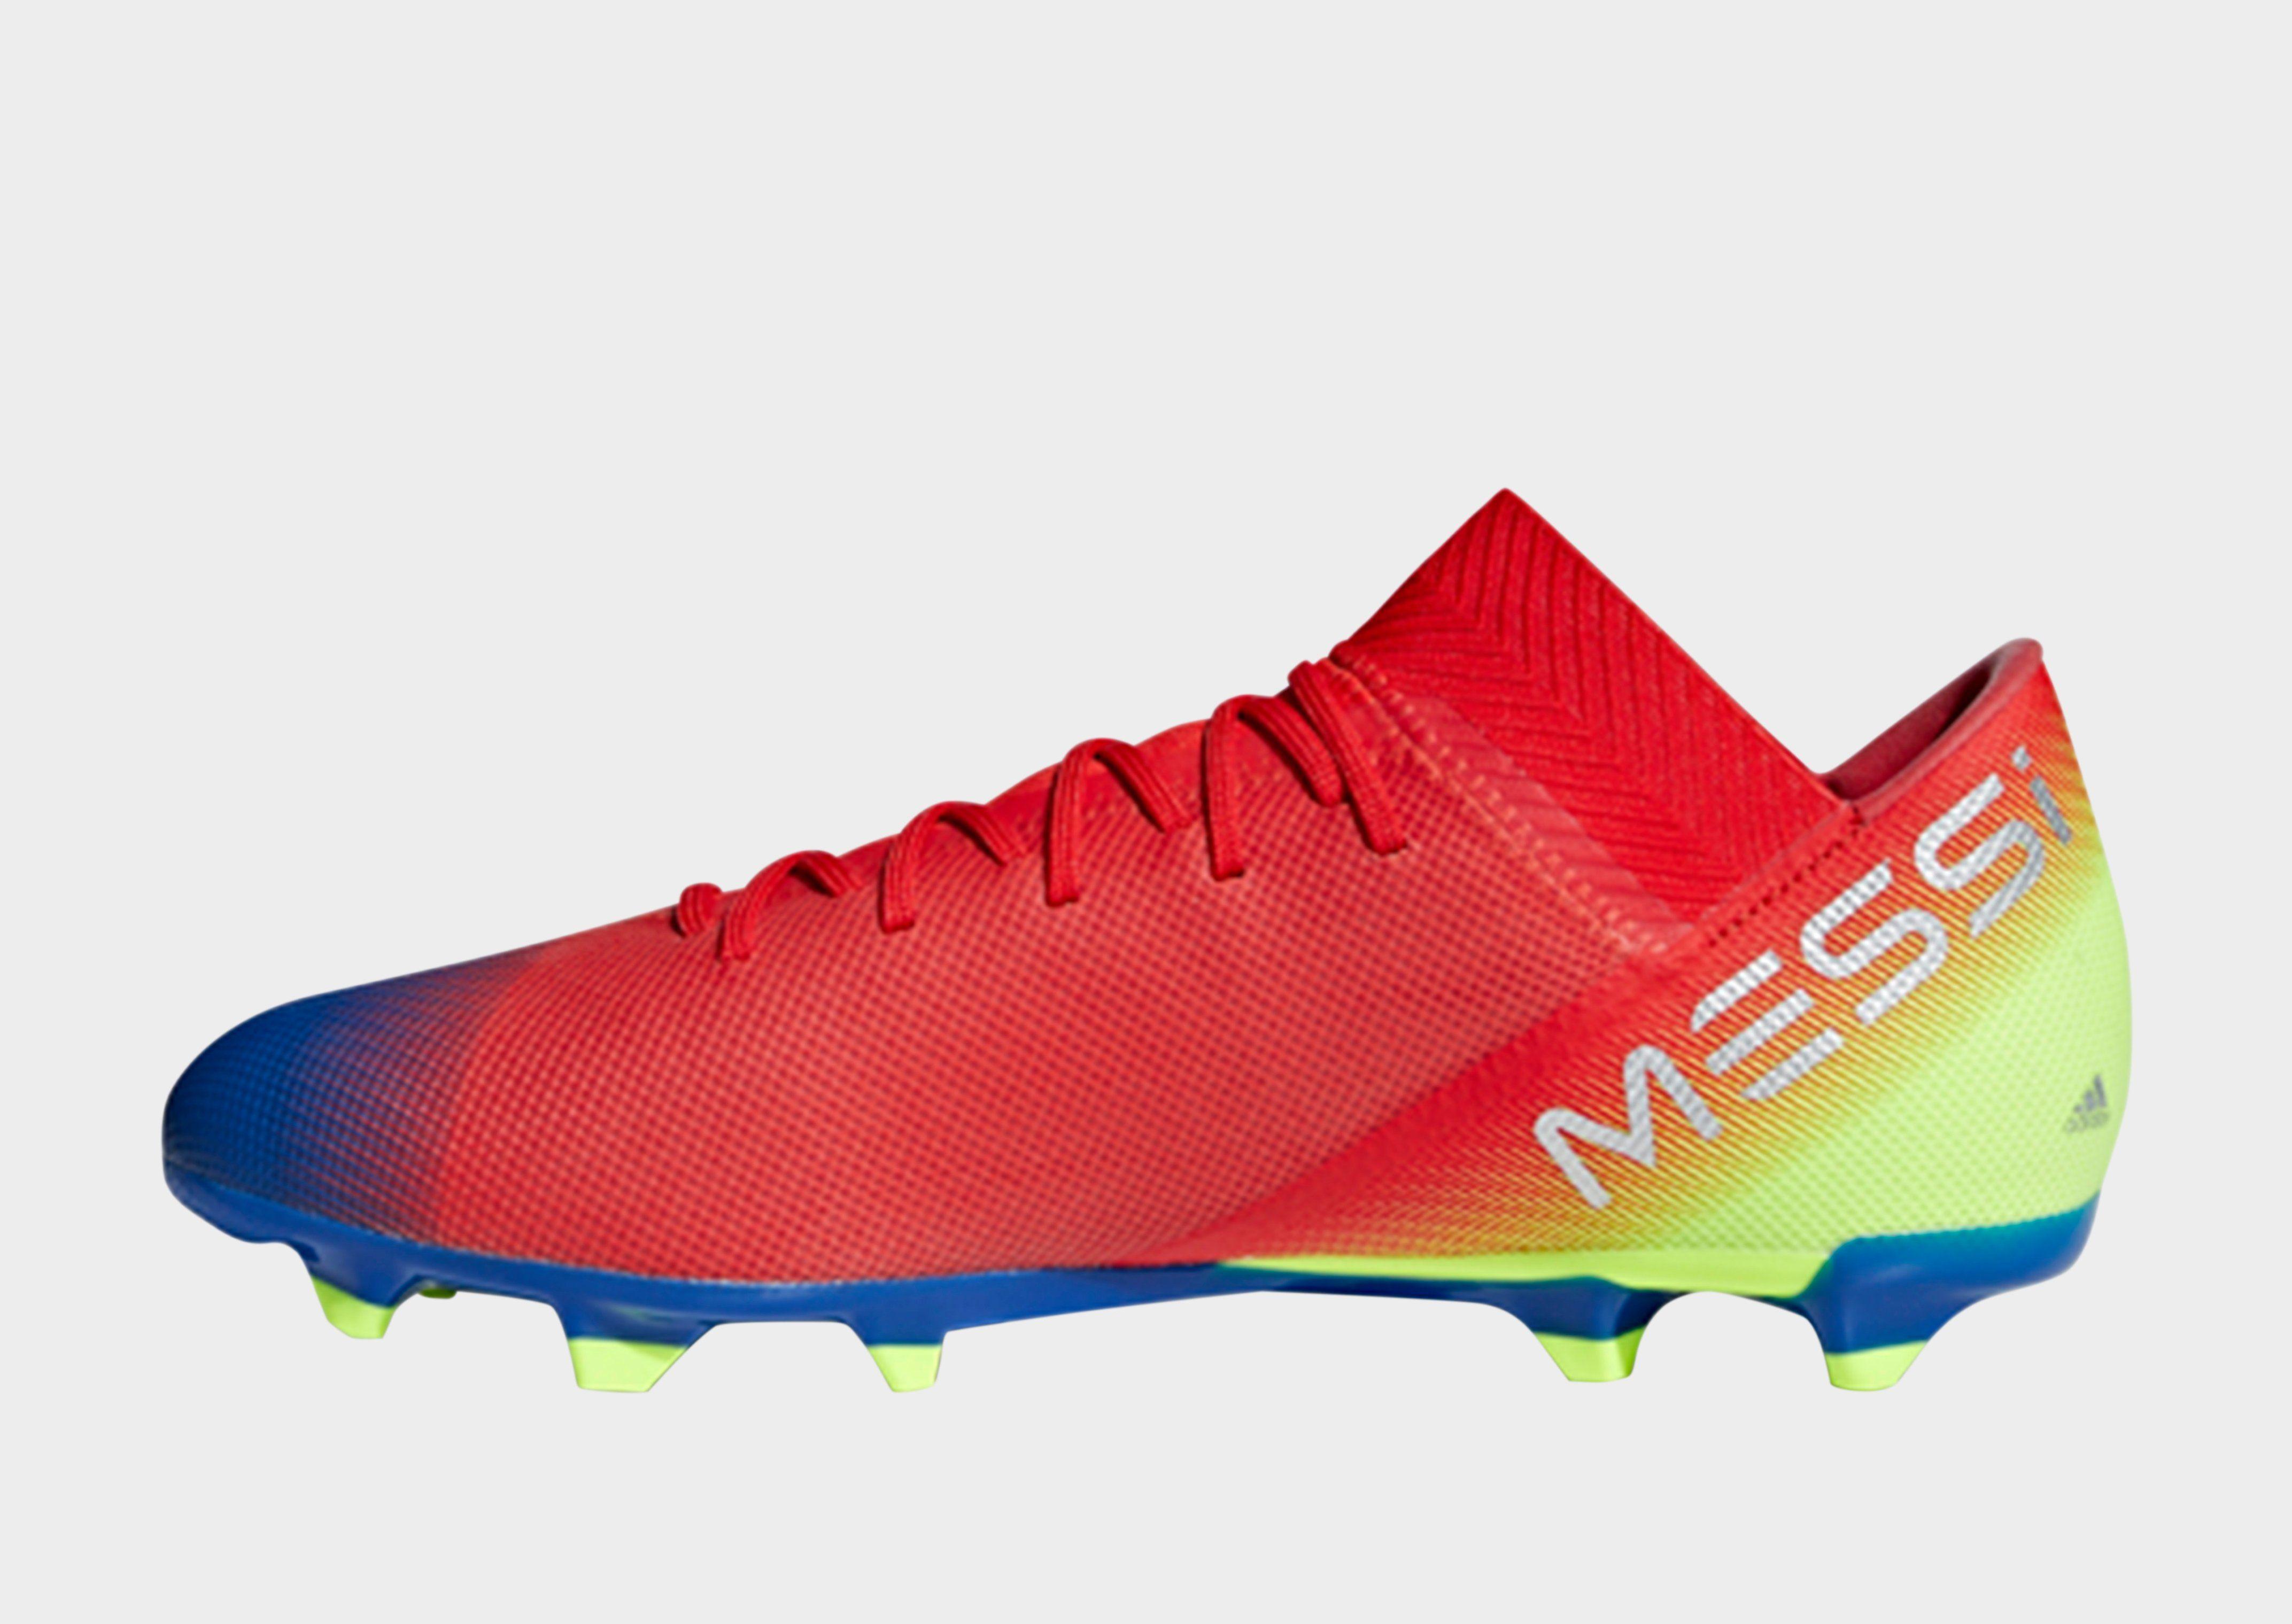 9d75e0485 ADIDAS Nemeziz Messi 18.3 Firm Ground Boots